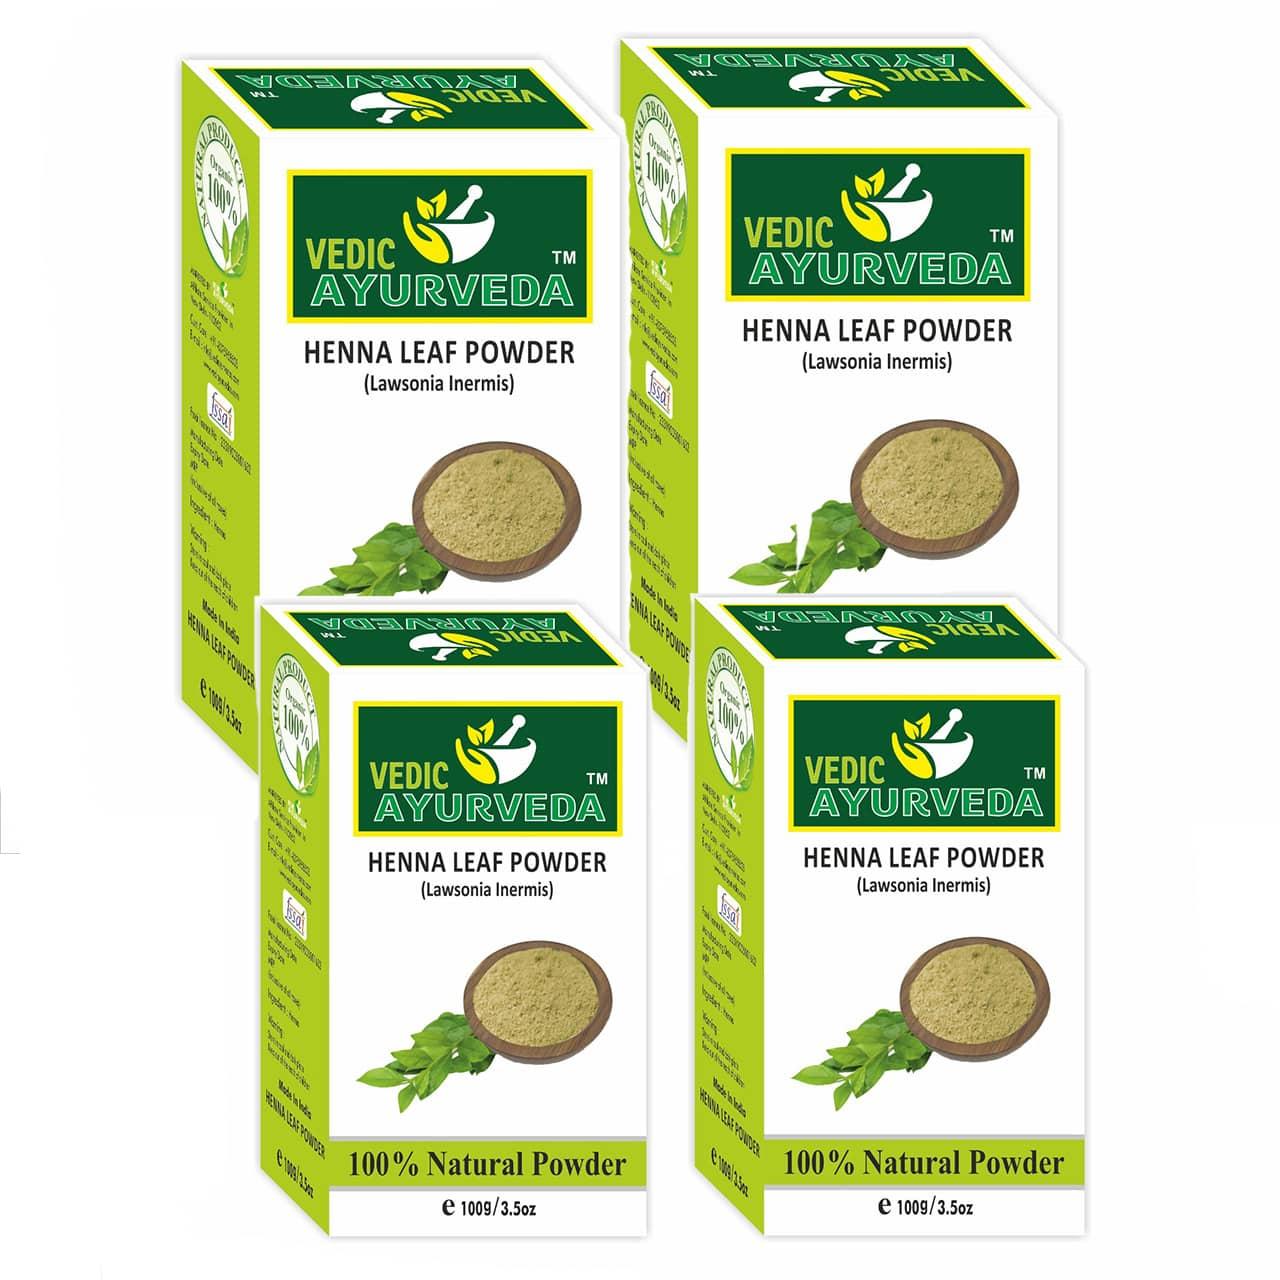 Vedicayurveda Henna Leaf Powder Combo